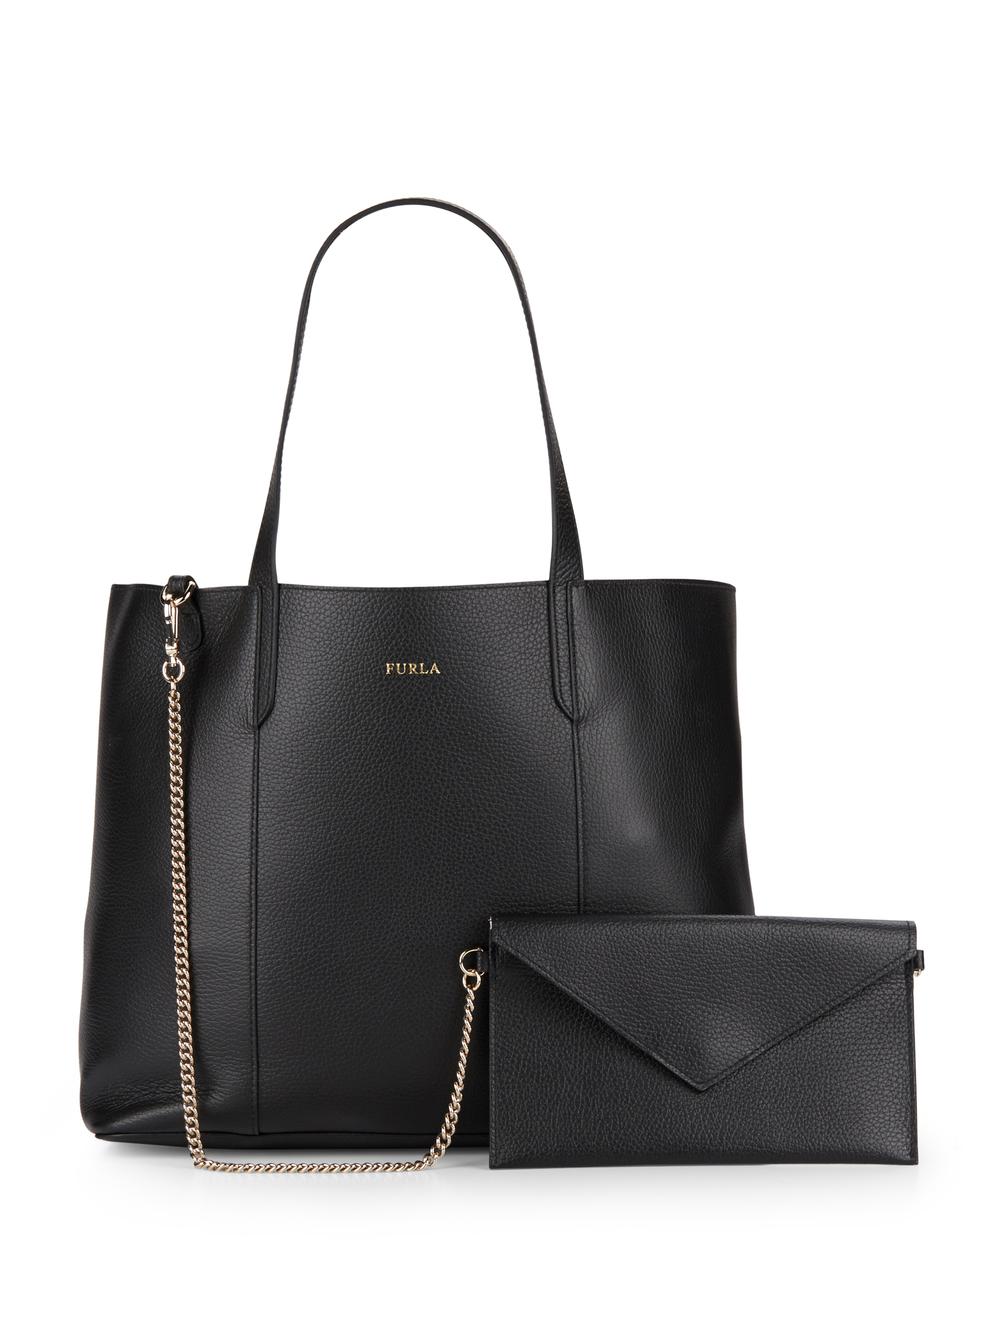 Handbags-005.JPG